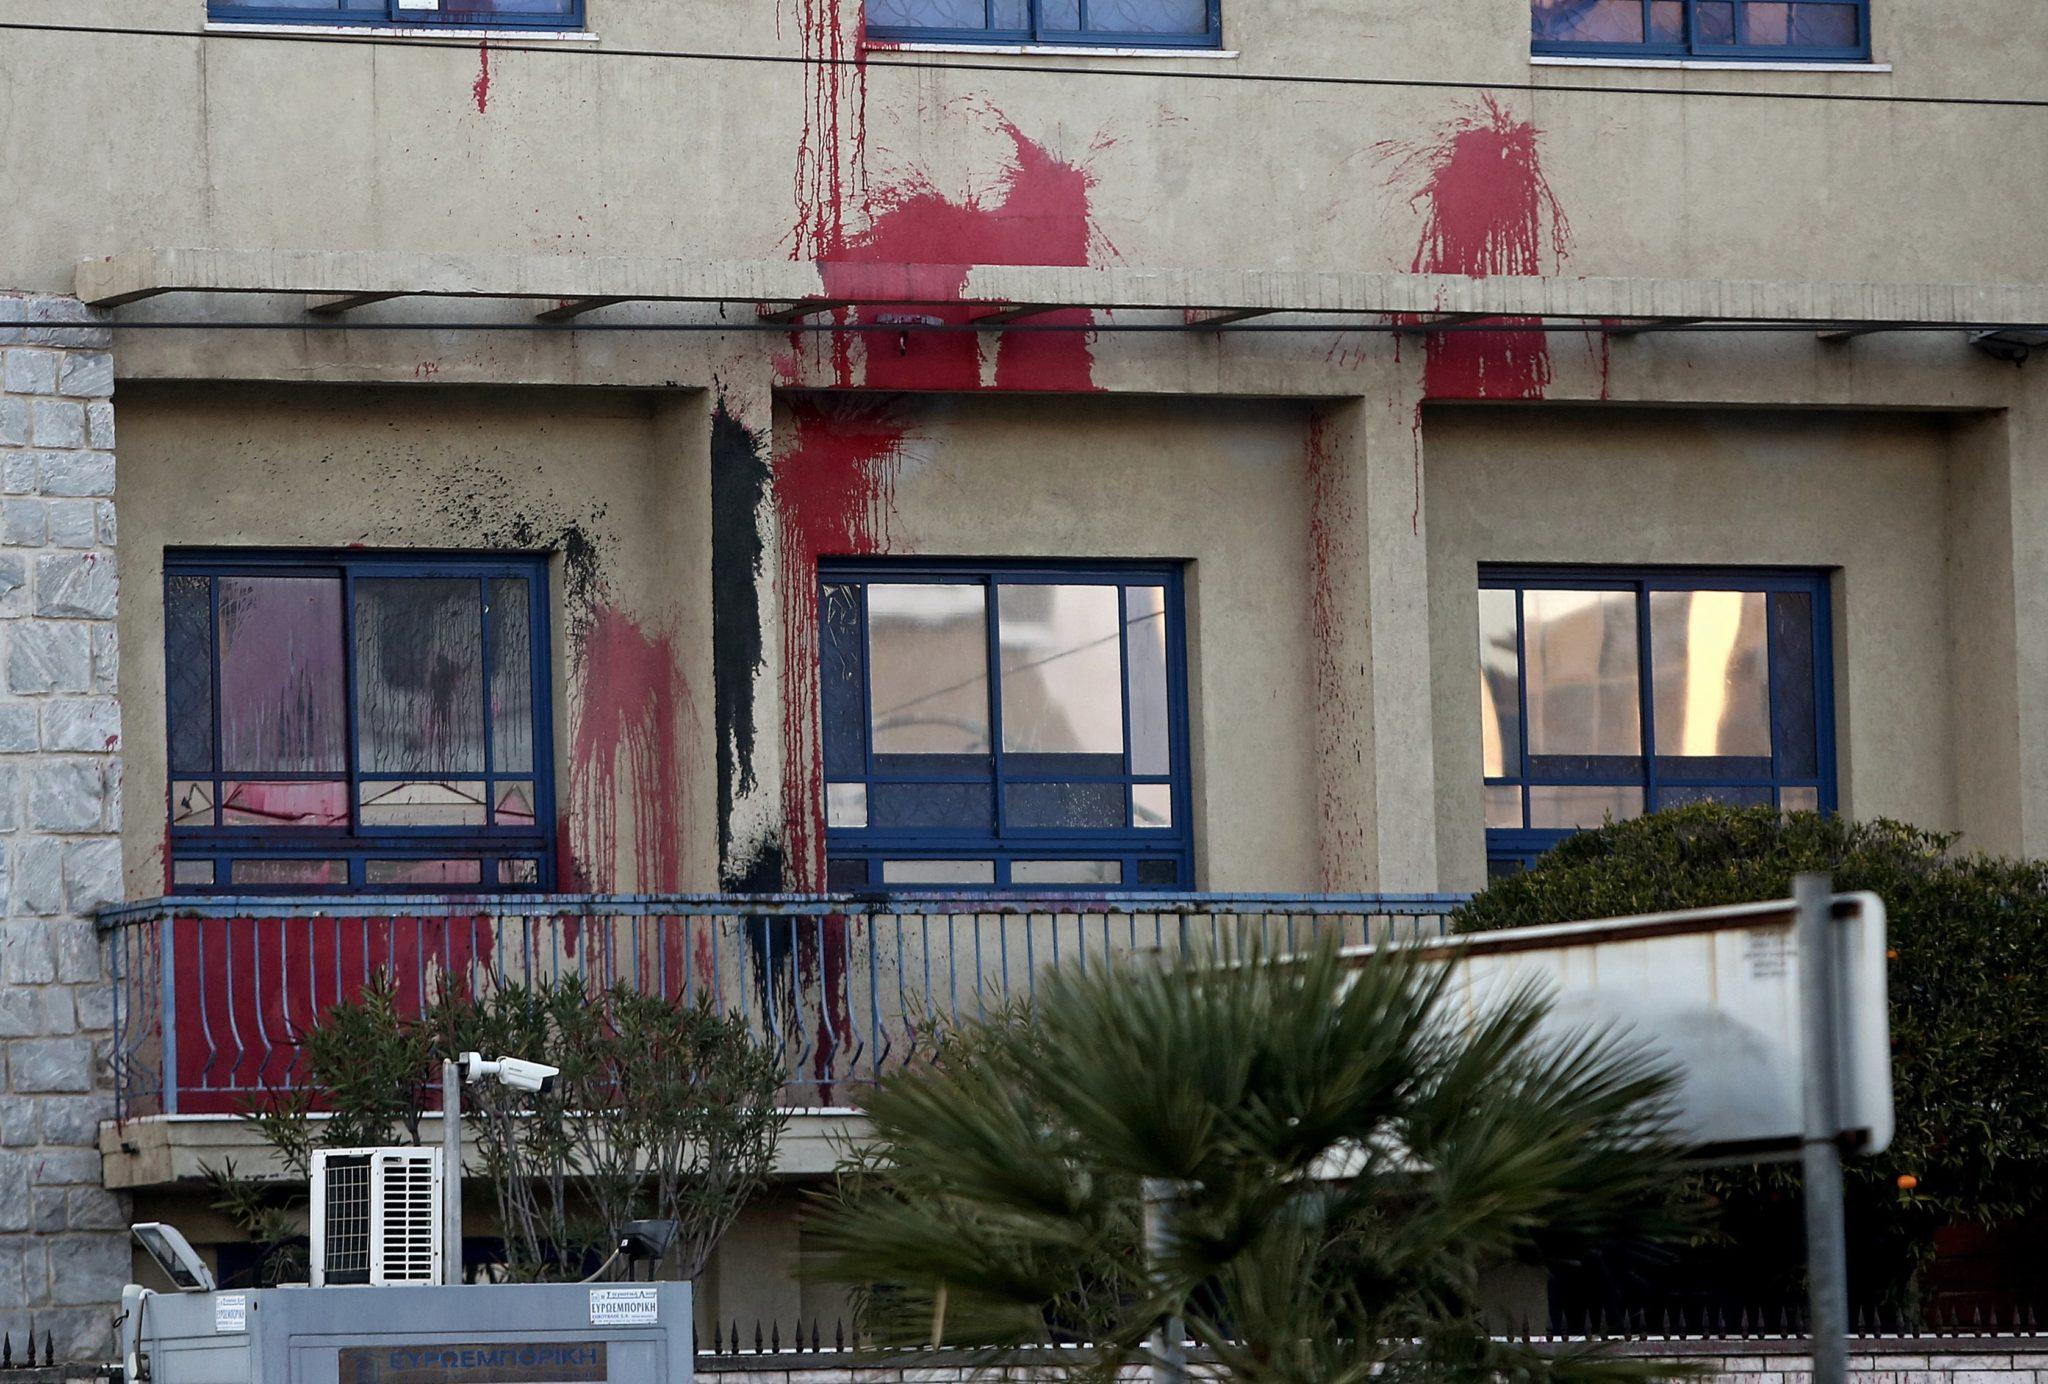 Grecja: Członkowie anarchistycznej grupy zaatakowali farbą wejście do izraelskiej ambasady w Atenach, fot: PAP, EPA